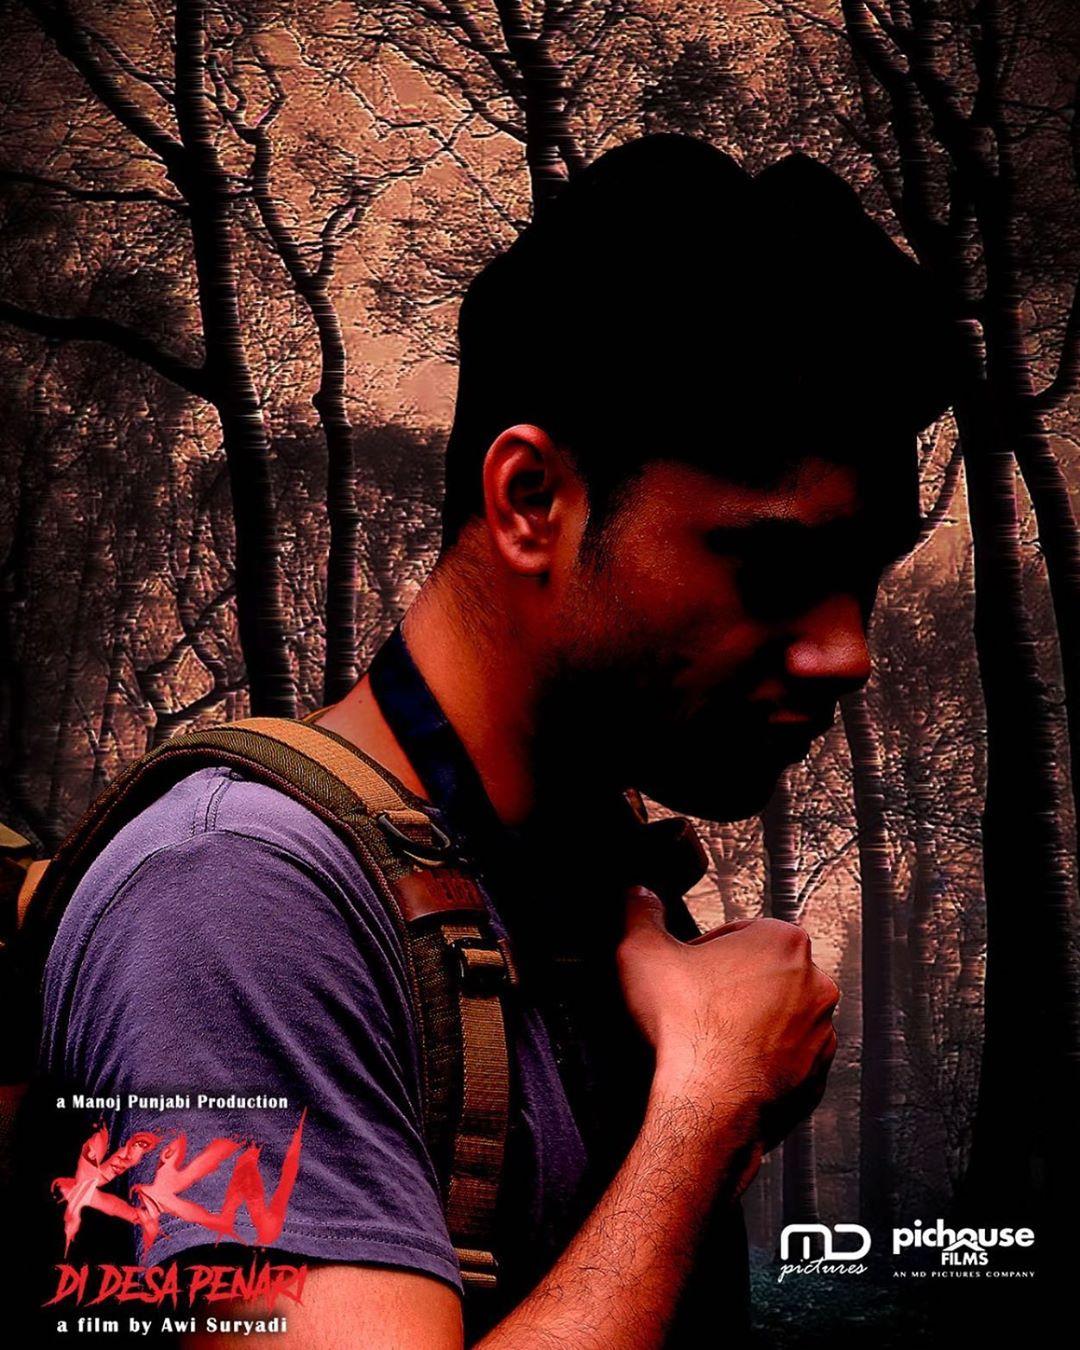 Bima, Karakter di Film KKN Di Desa Penari